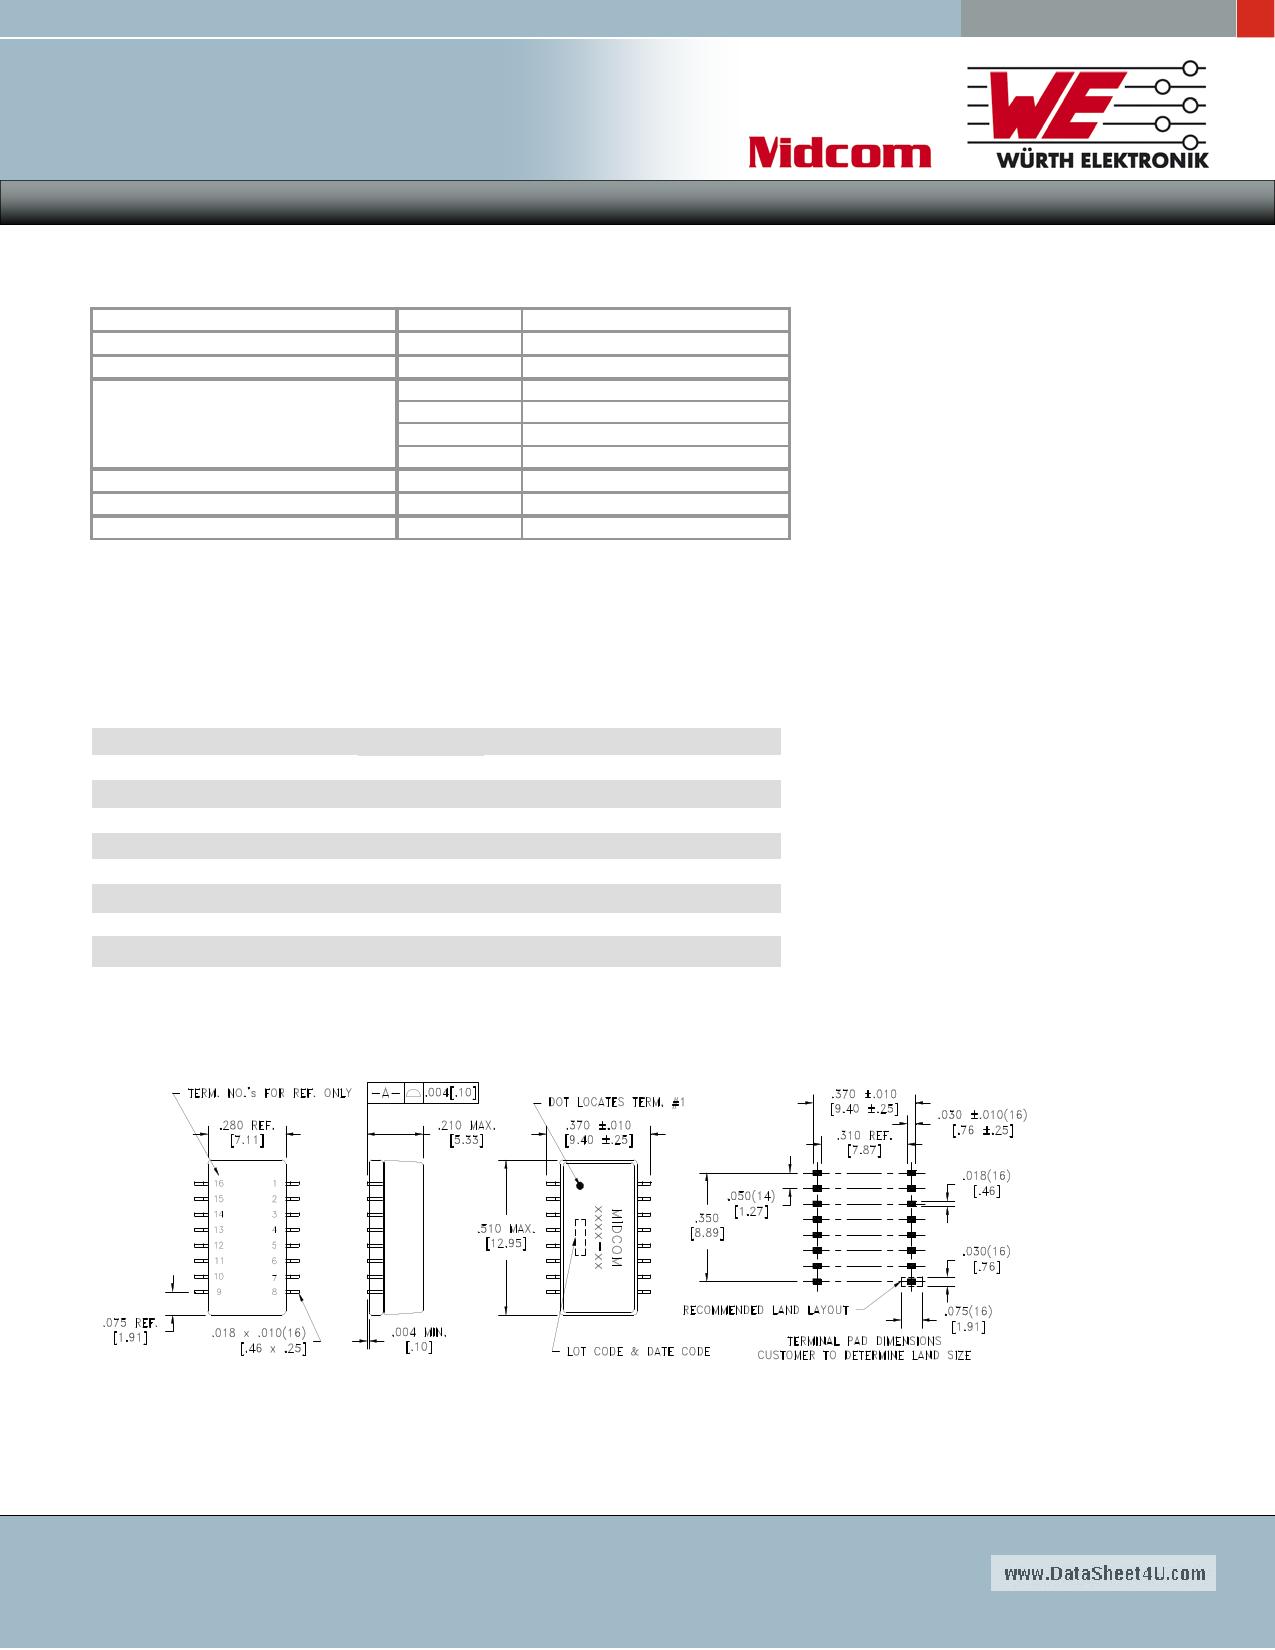 000-7313-37 datasheet